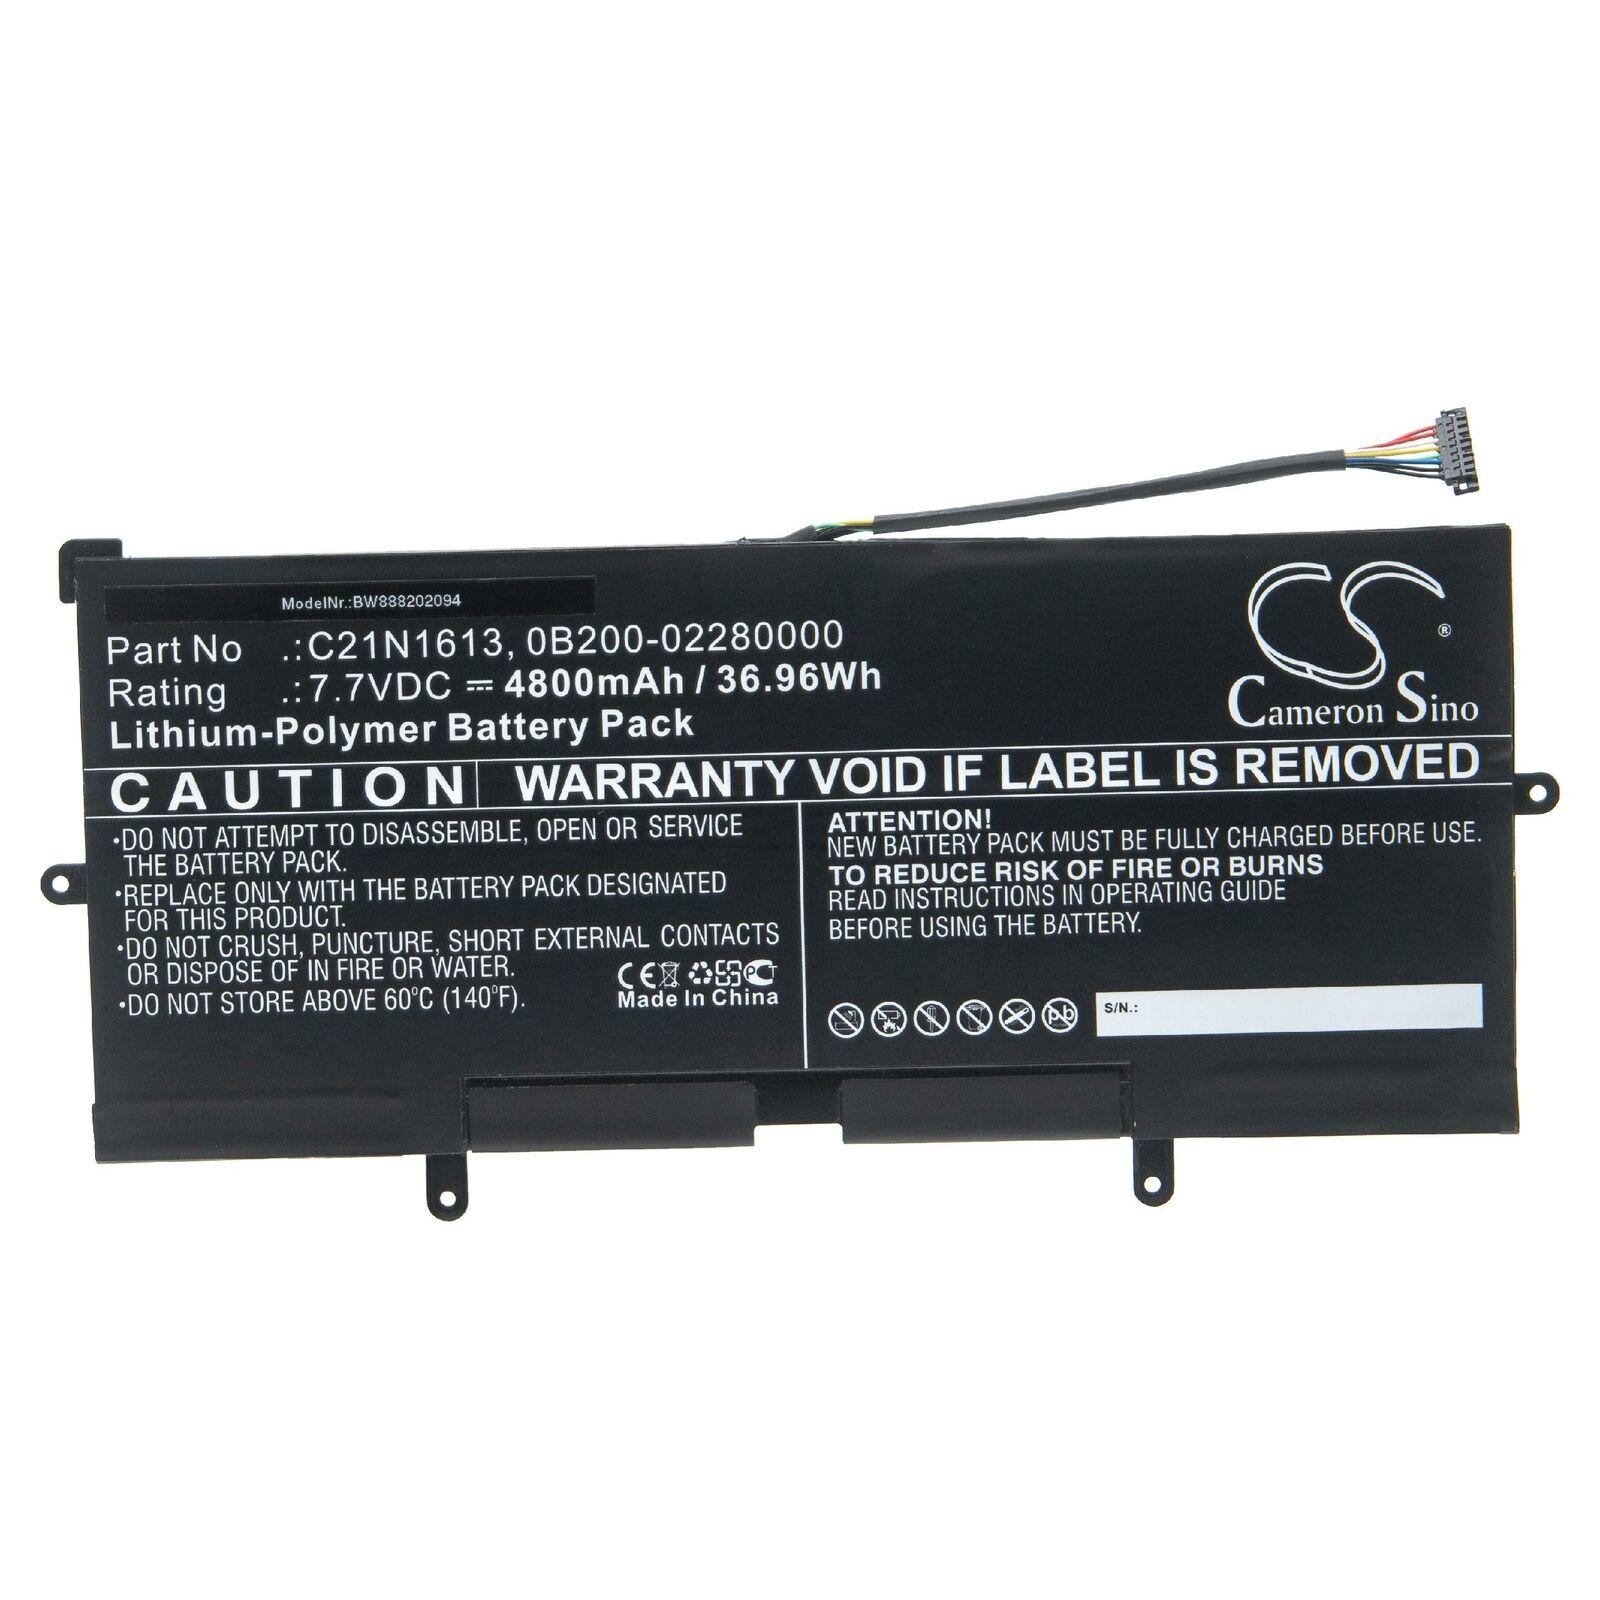 Batterie pour C21N1613 ASUS Chromebook Flip C302C C21PQC5 0B200-0228000(compatible)